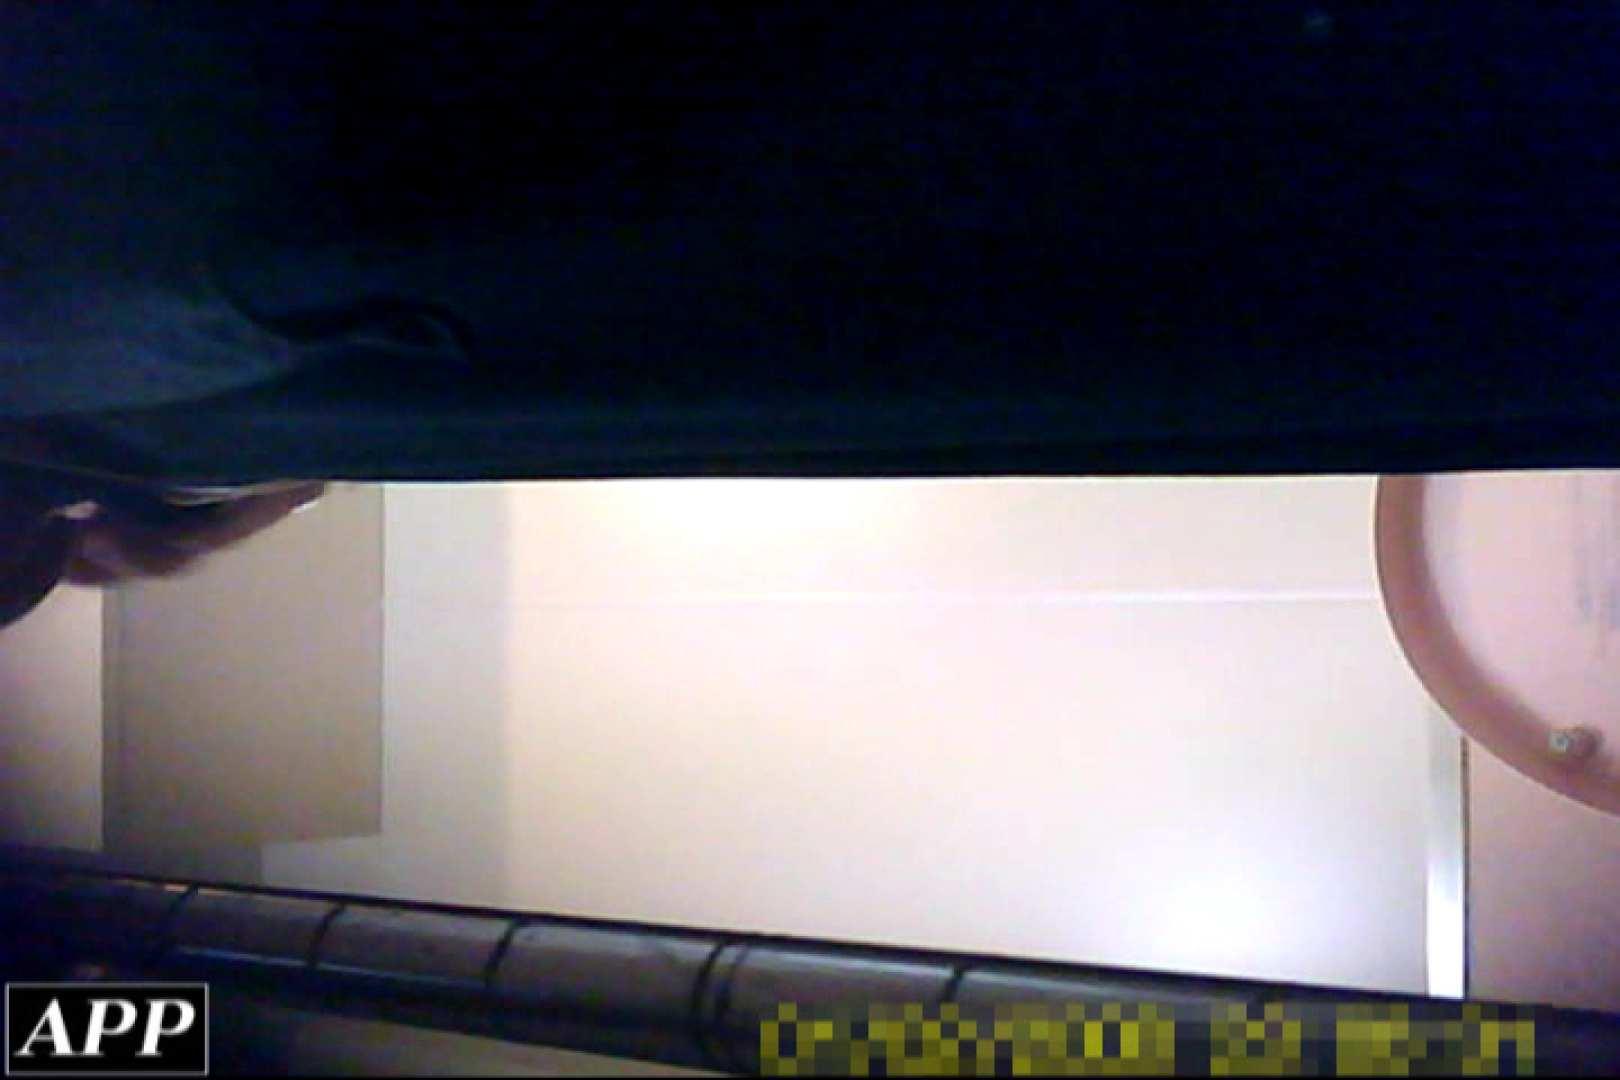 3視点洗面所 vol.109 モロだしオマンコ セックス無修正動画無料 86pic 29